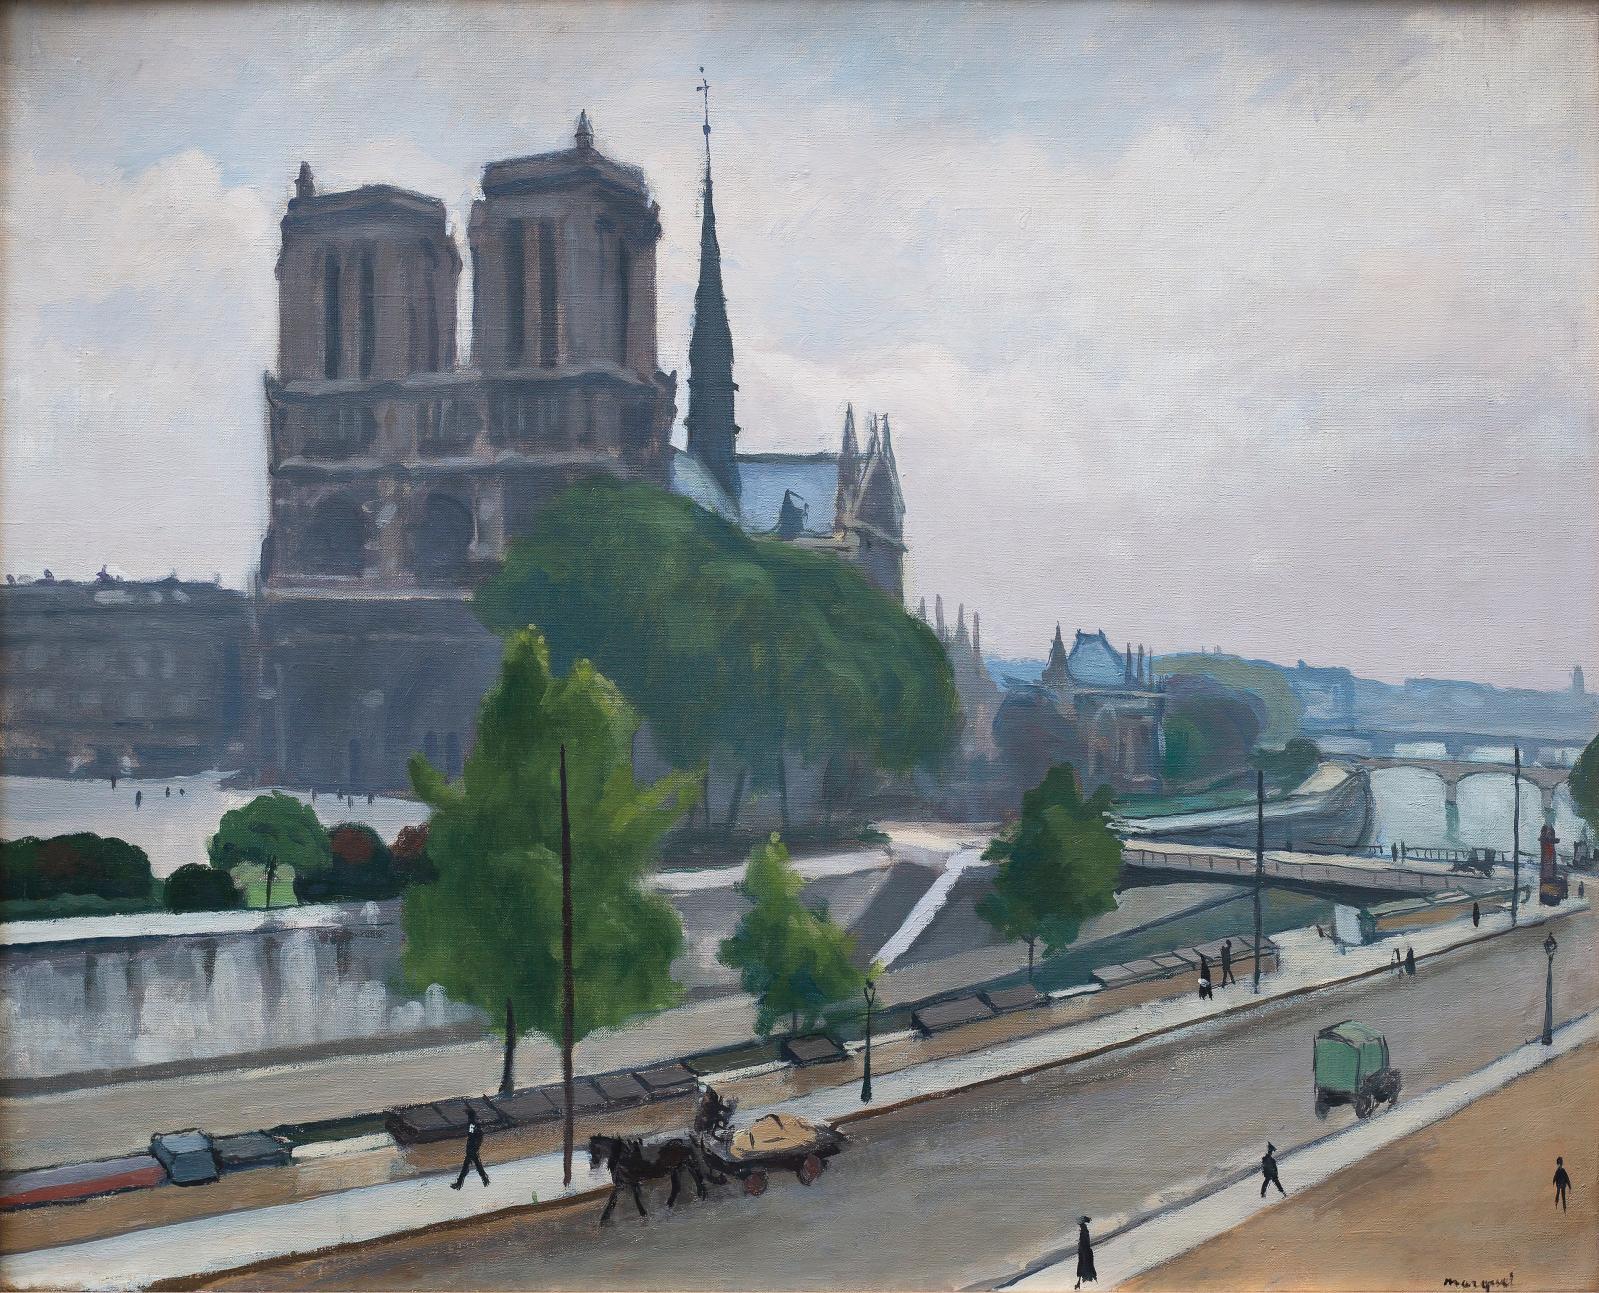 Albert Marquet (1875-1947), Notre-Dame, 1922, huile sur toile, 68 x 81 cm. Estimation: 120000/180000€